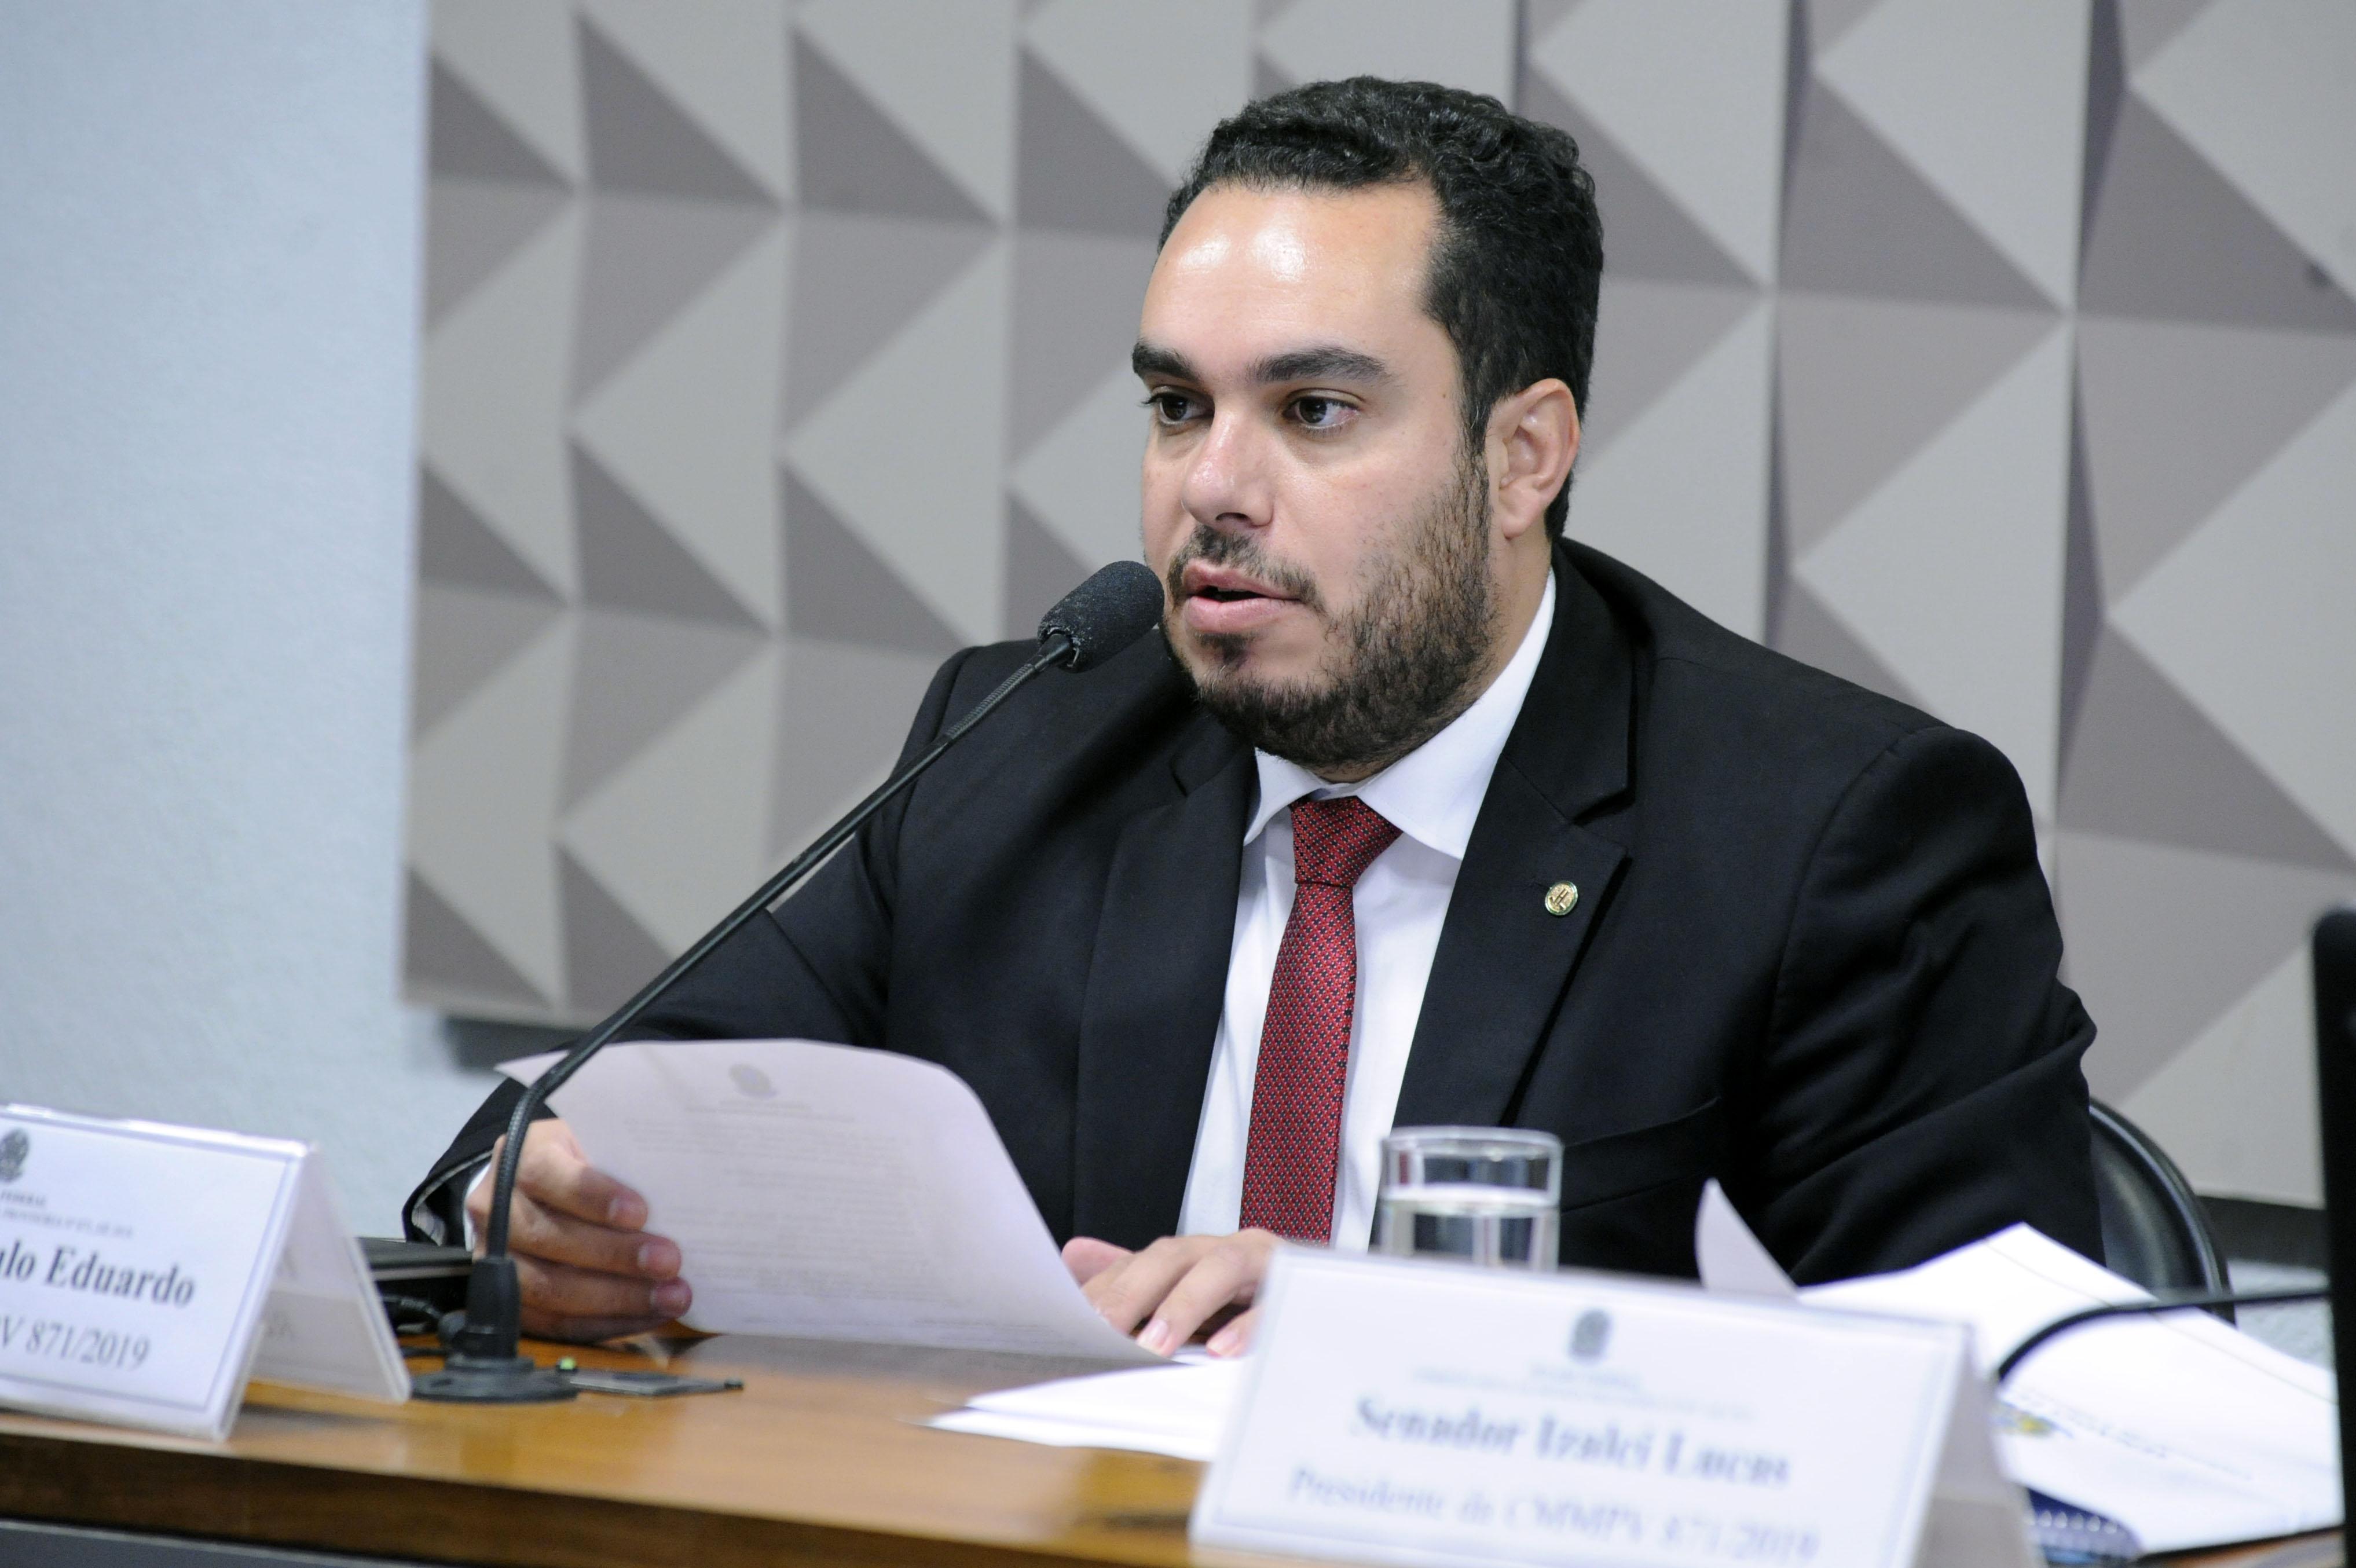 Comissão Mista sobre a MP 871/19, que institui o Programa Especial para Análise de Benefícios com indícios de irregularidade. Dep. Paulo Eduardo (PSC-PR)